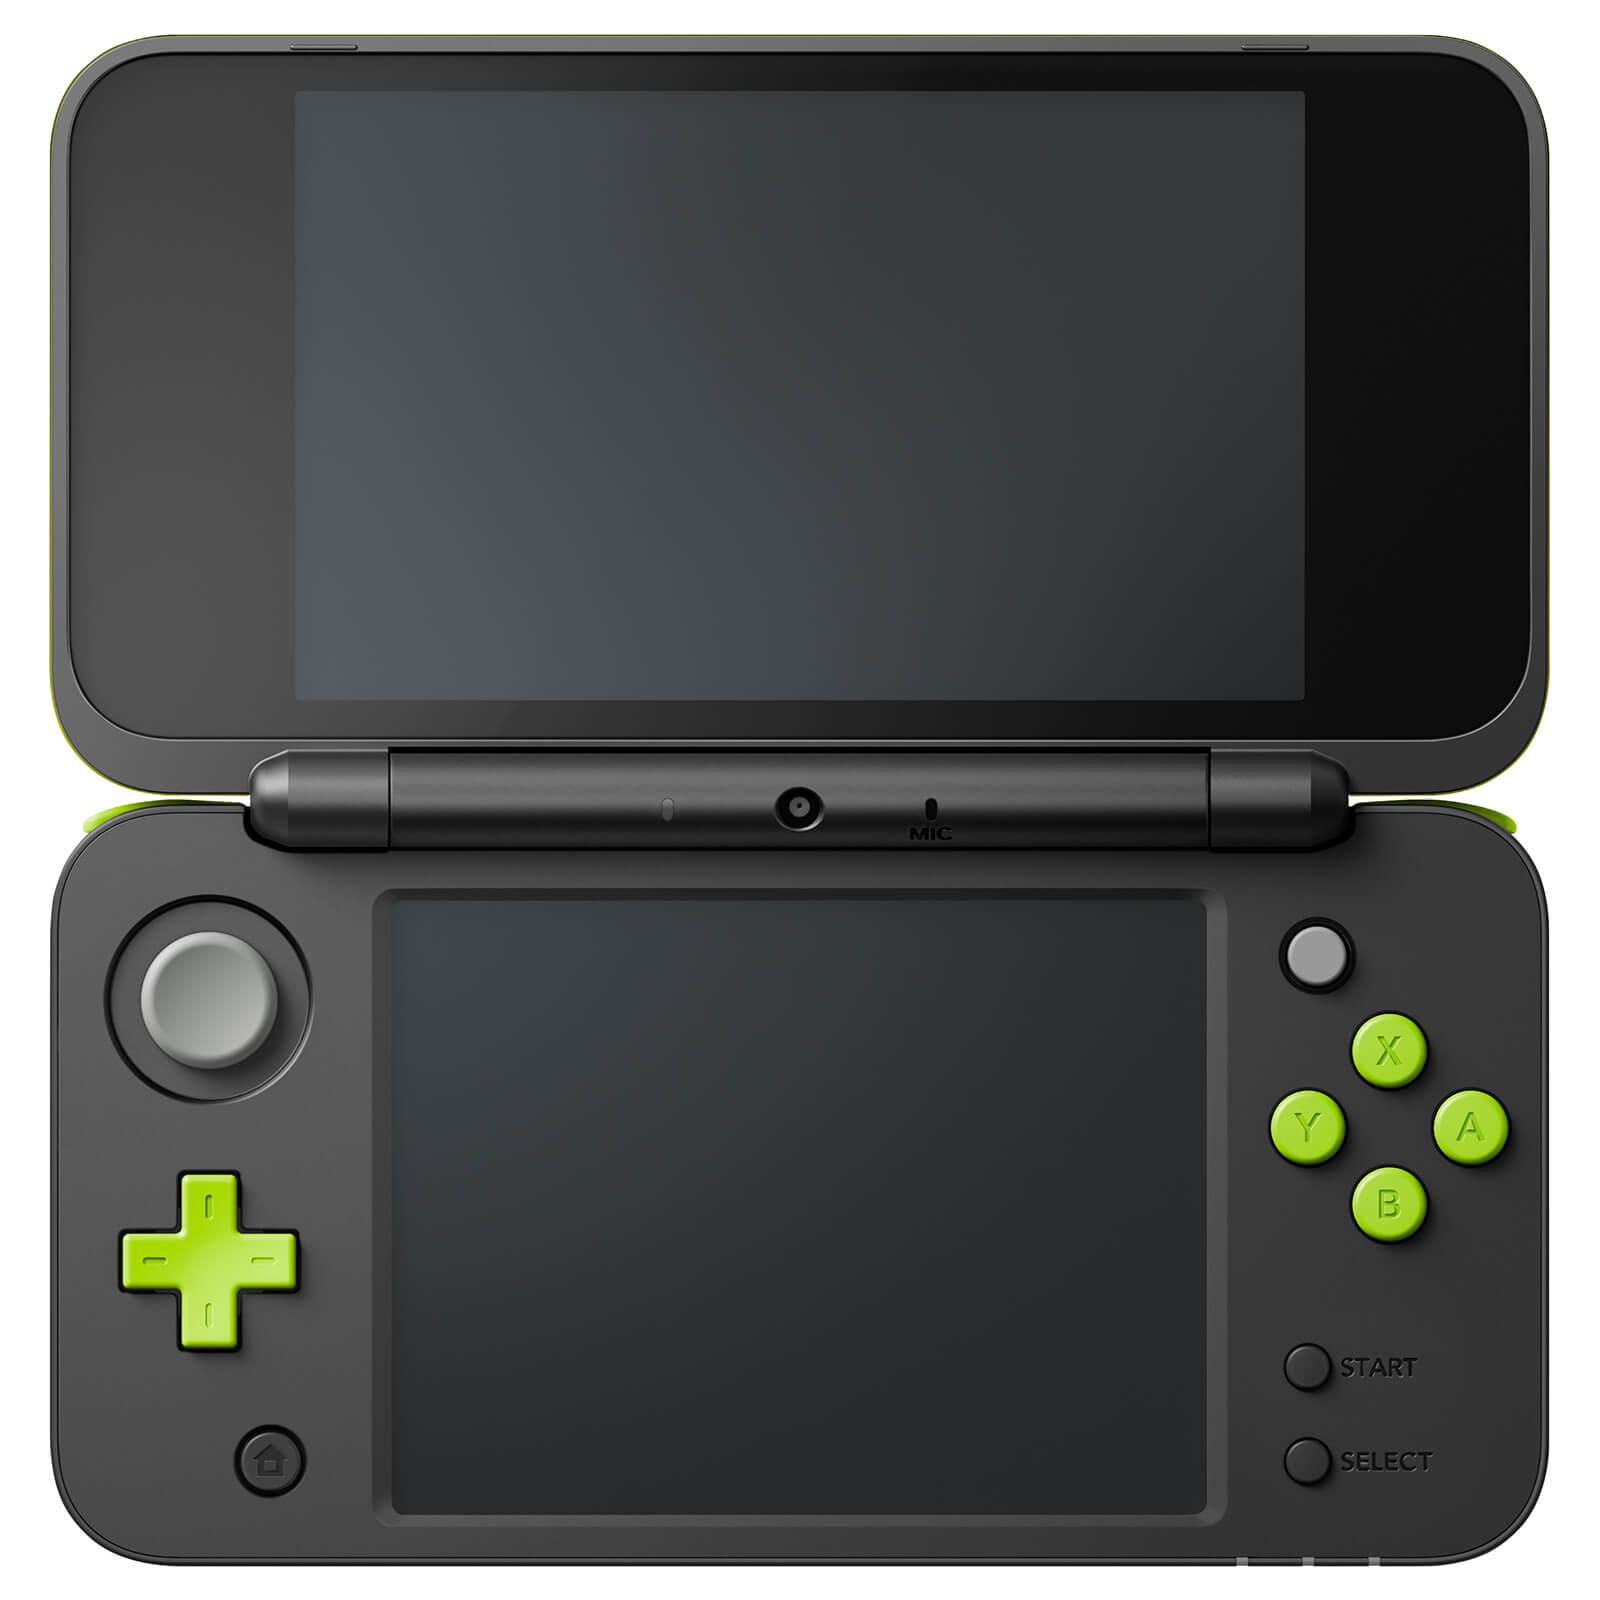 New Nintendo 2DS XL - zelenočerné (estetická vada) + originální balení